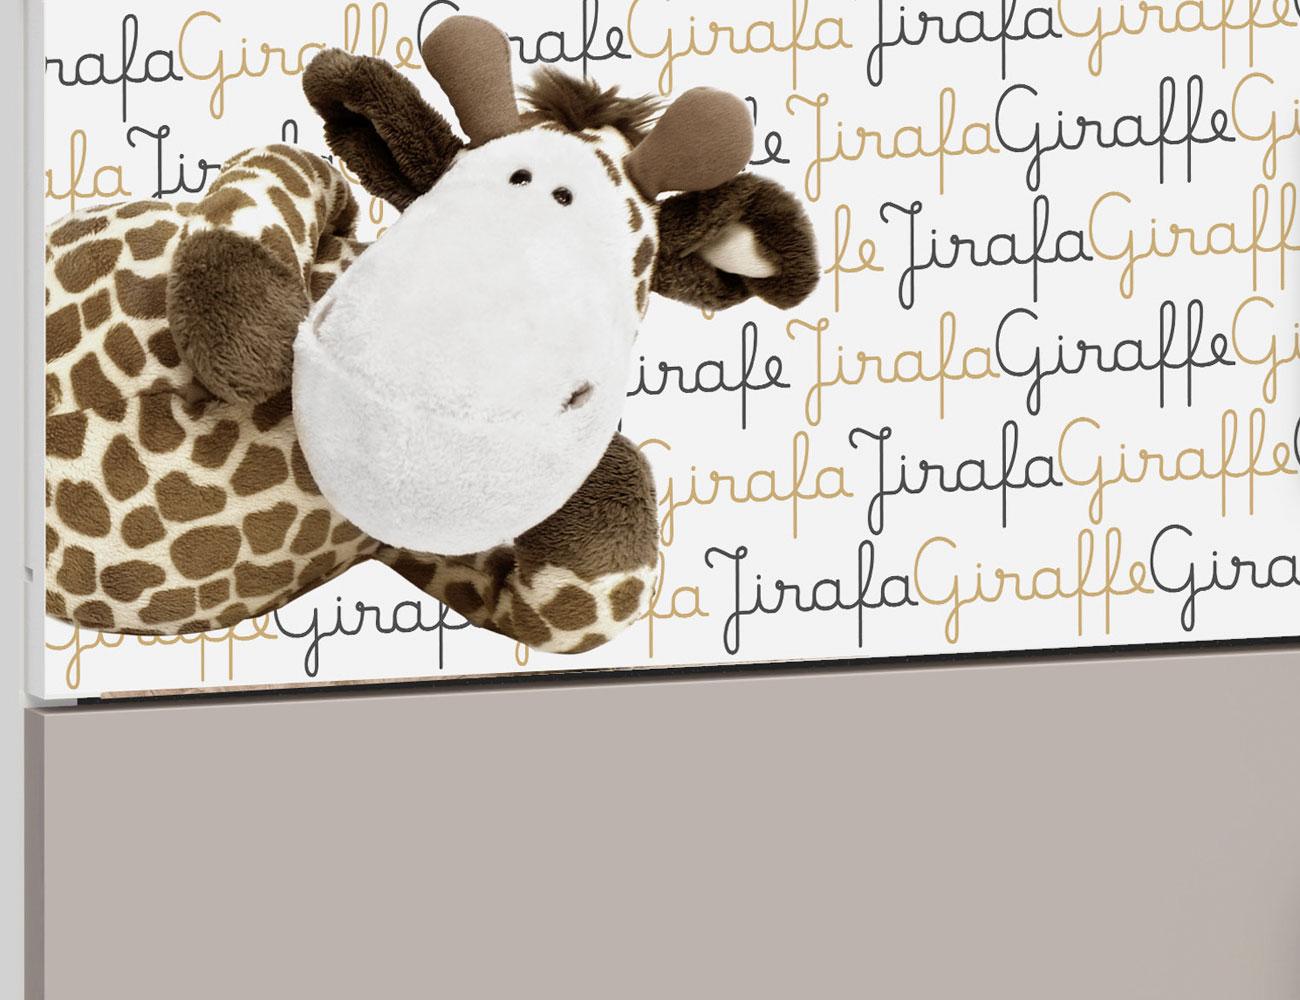 Comoda jirafa 703 2